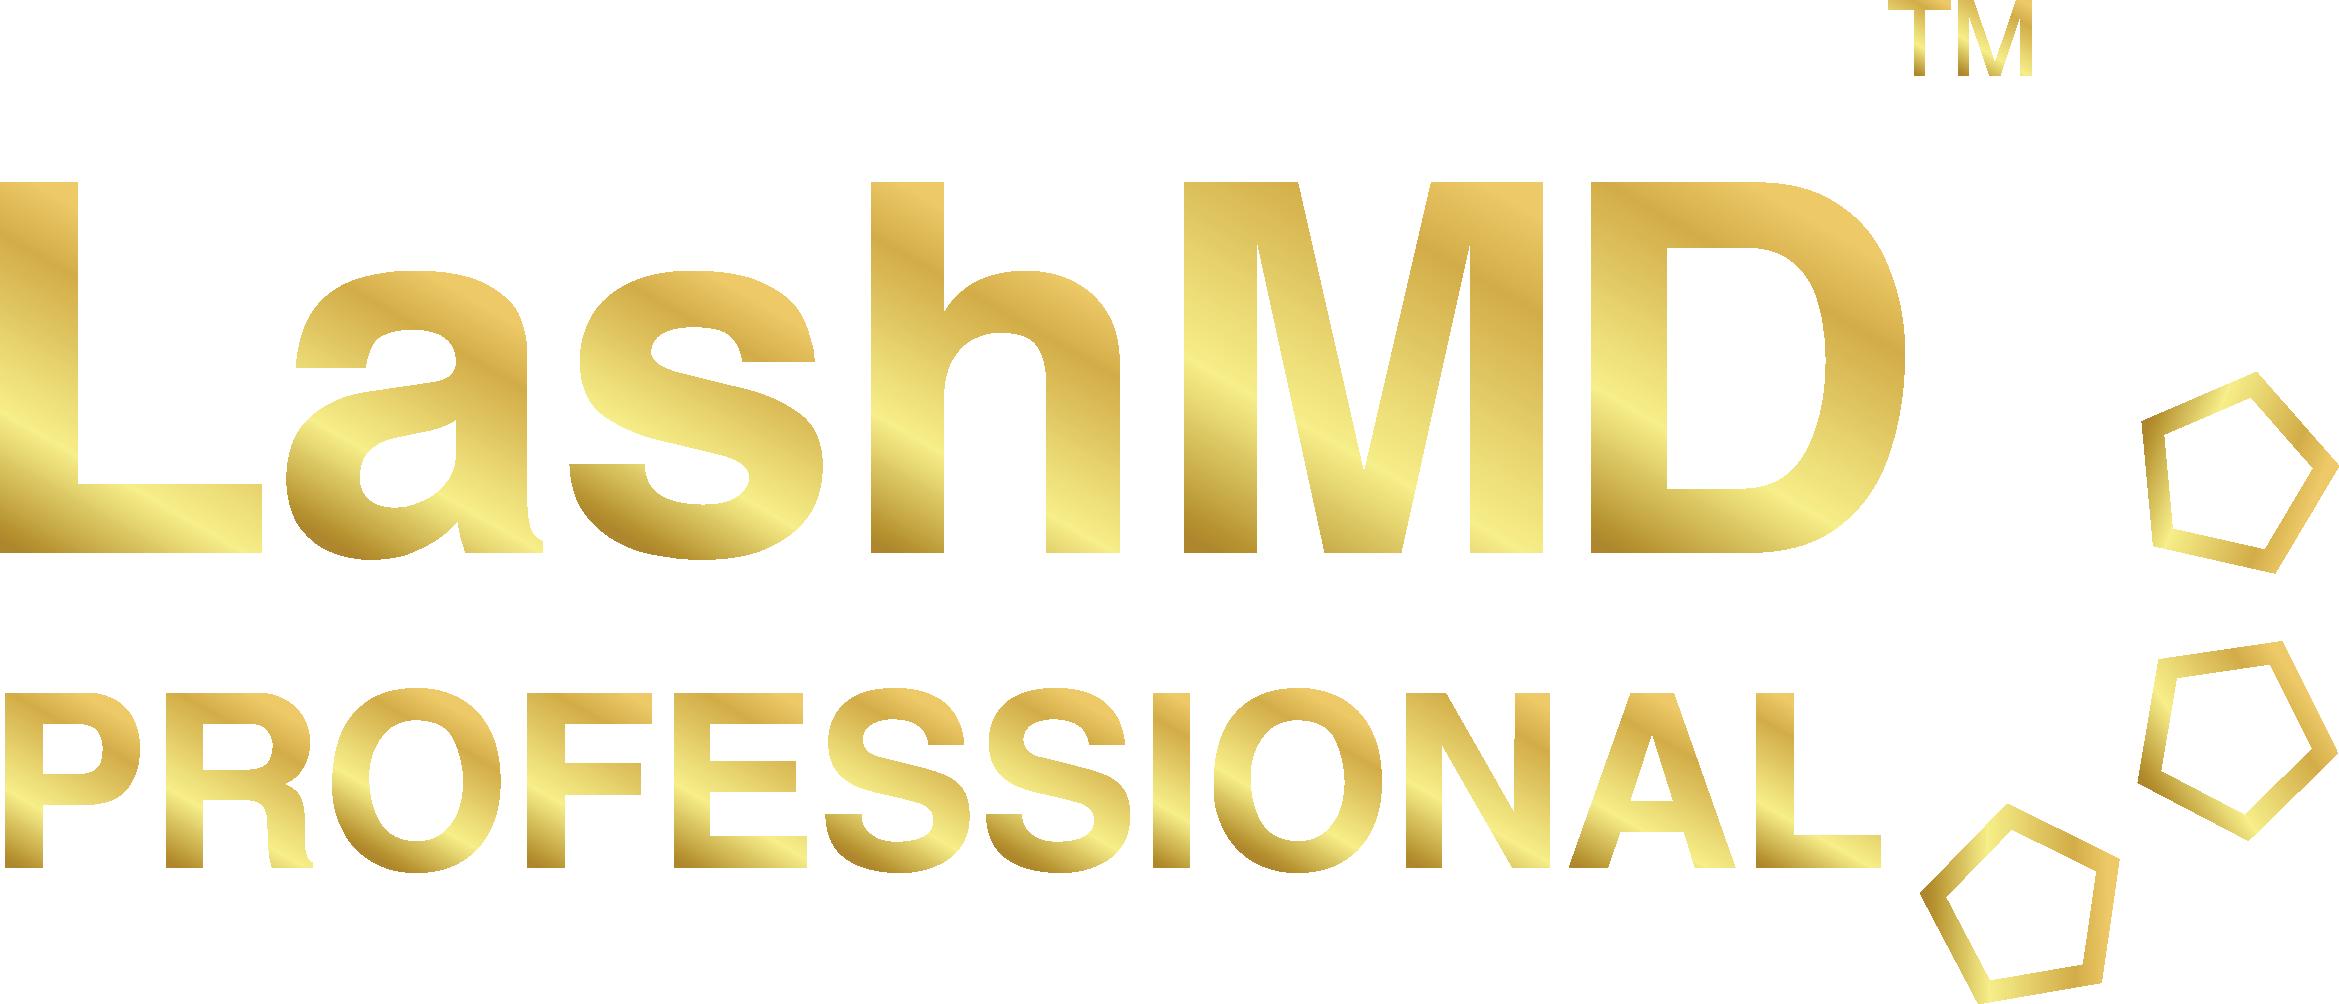 LashMD™ Eyelash Growth Serum